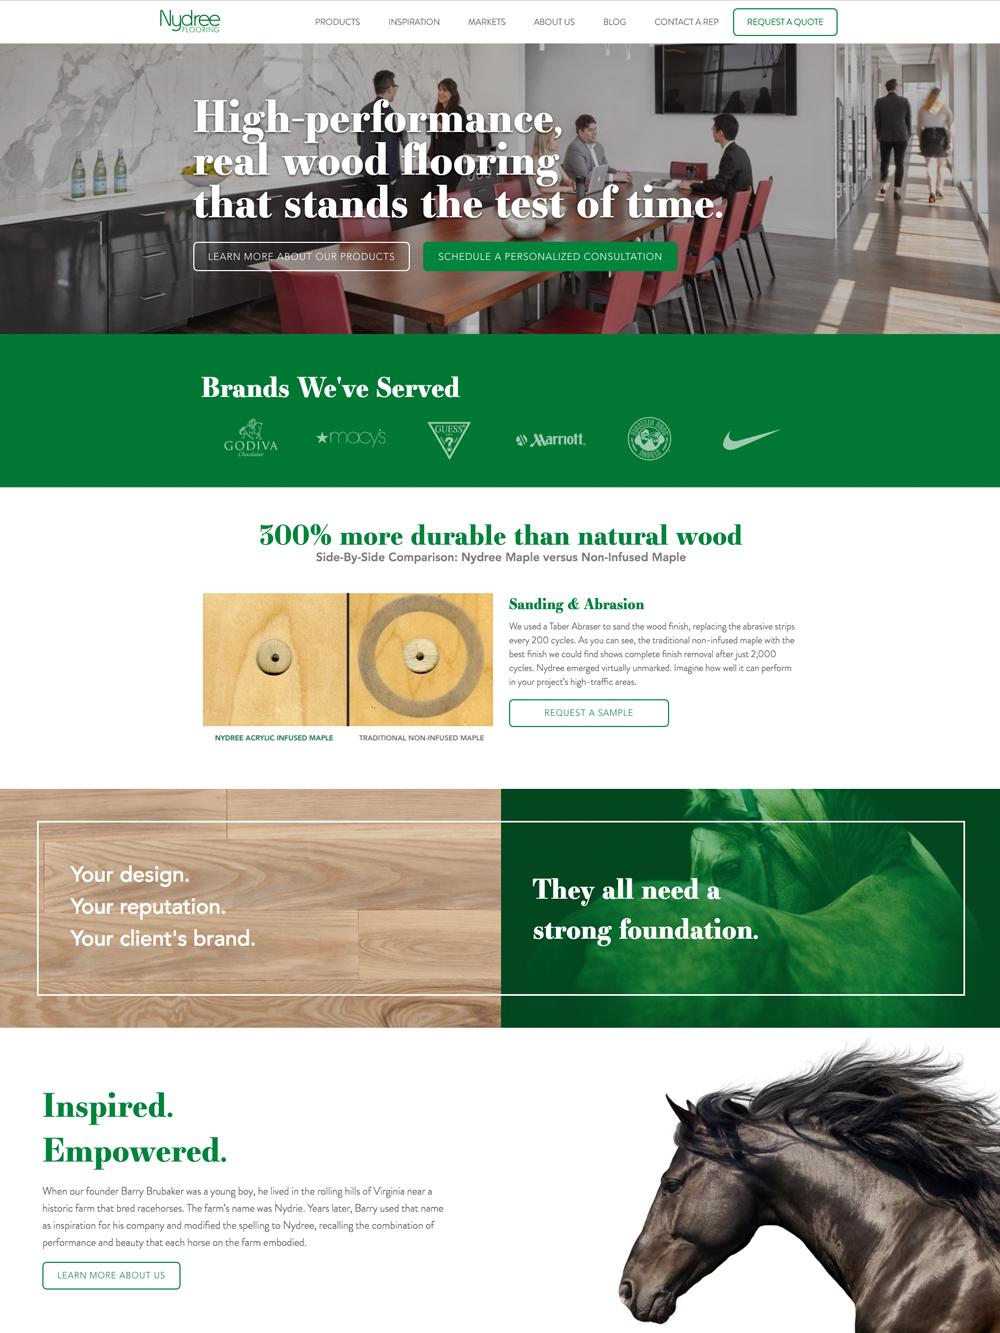 Nydree-Website-Homepage.jpg